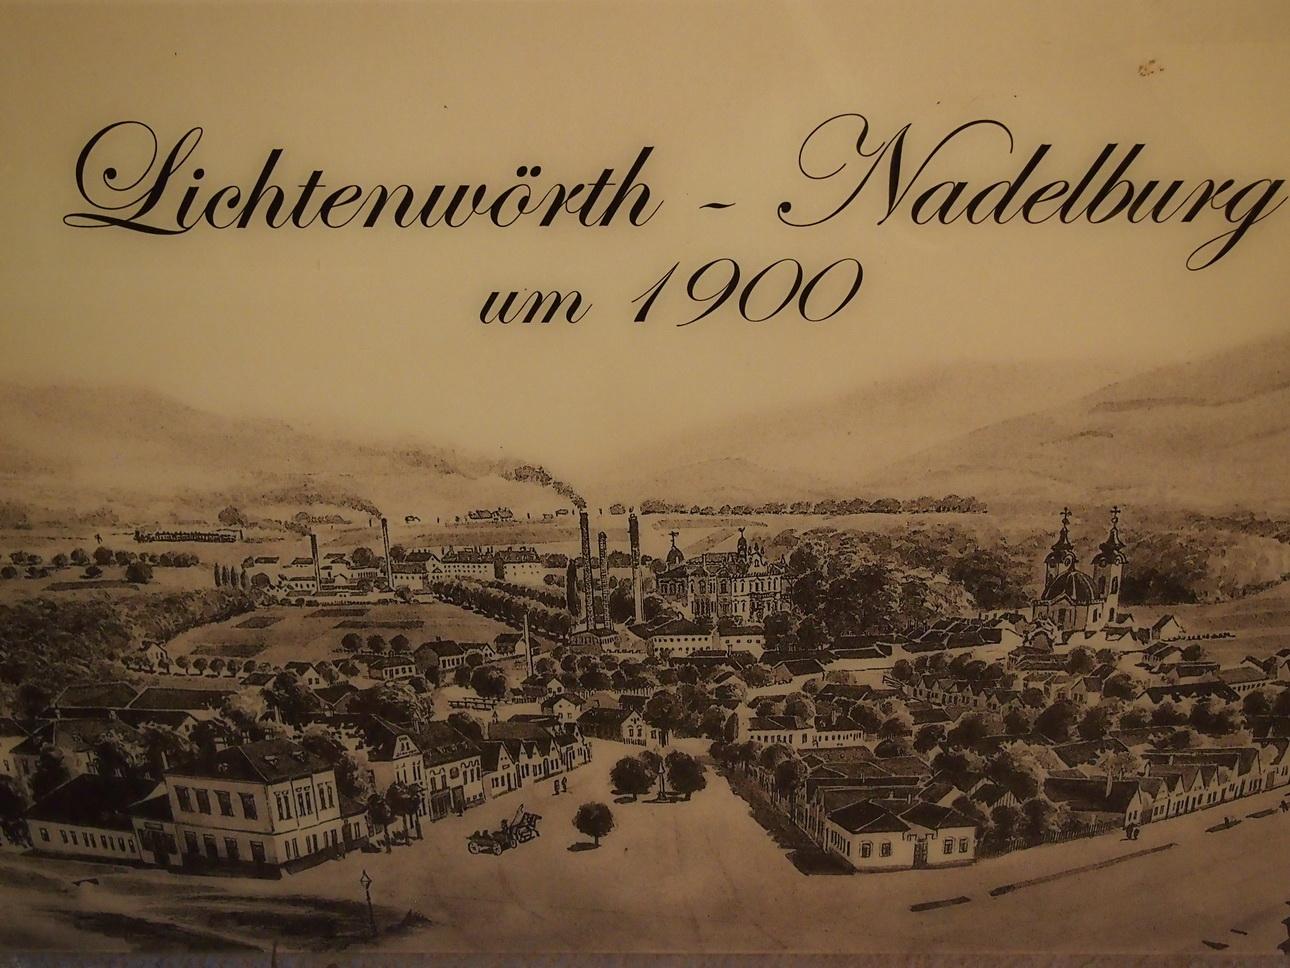 Historische Abbildung der Nadelburg in Lichtenwörth © Archiv Nadelburg